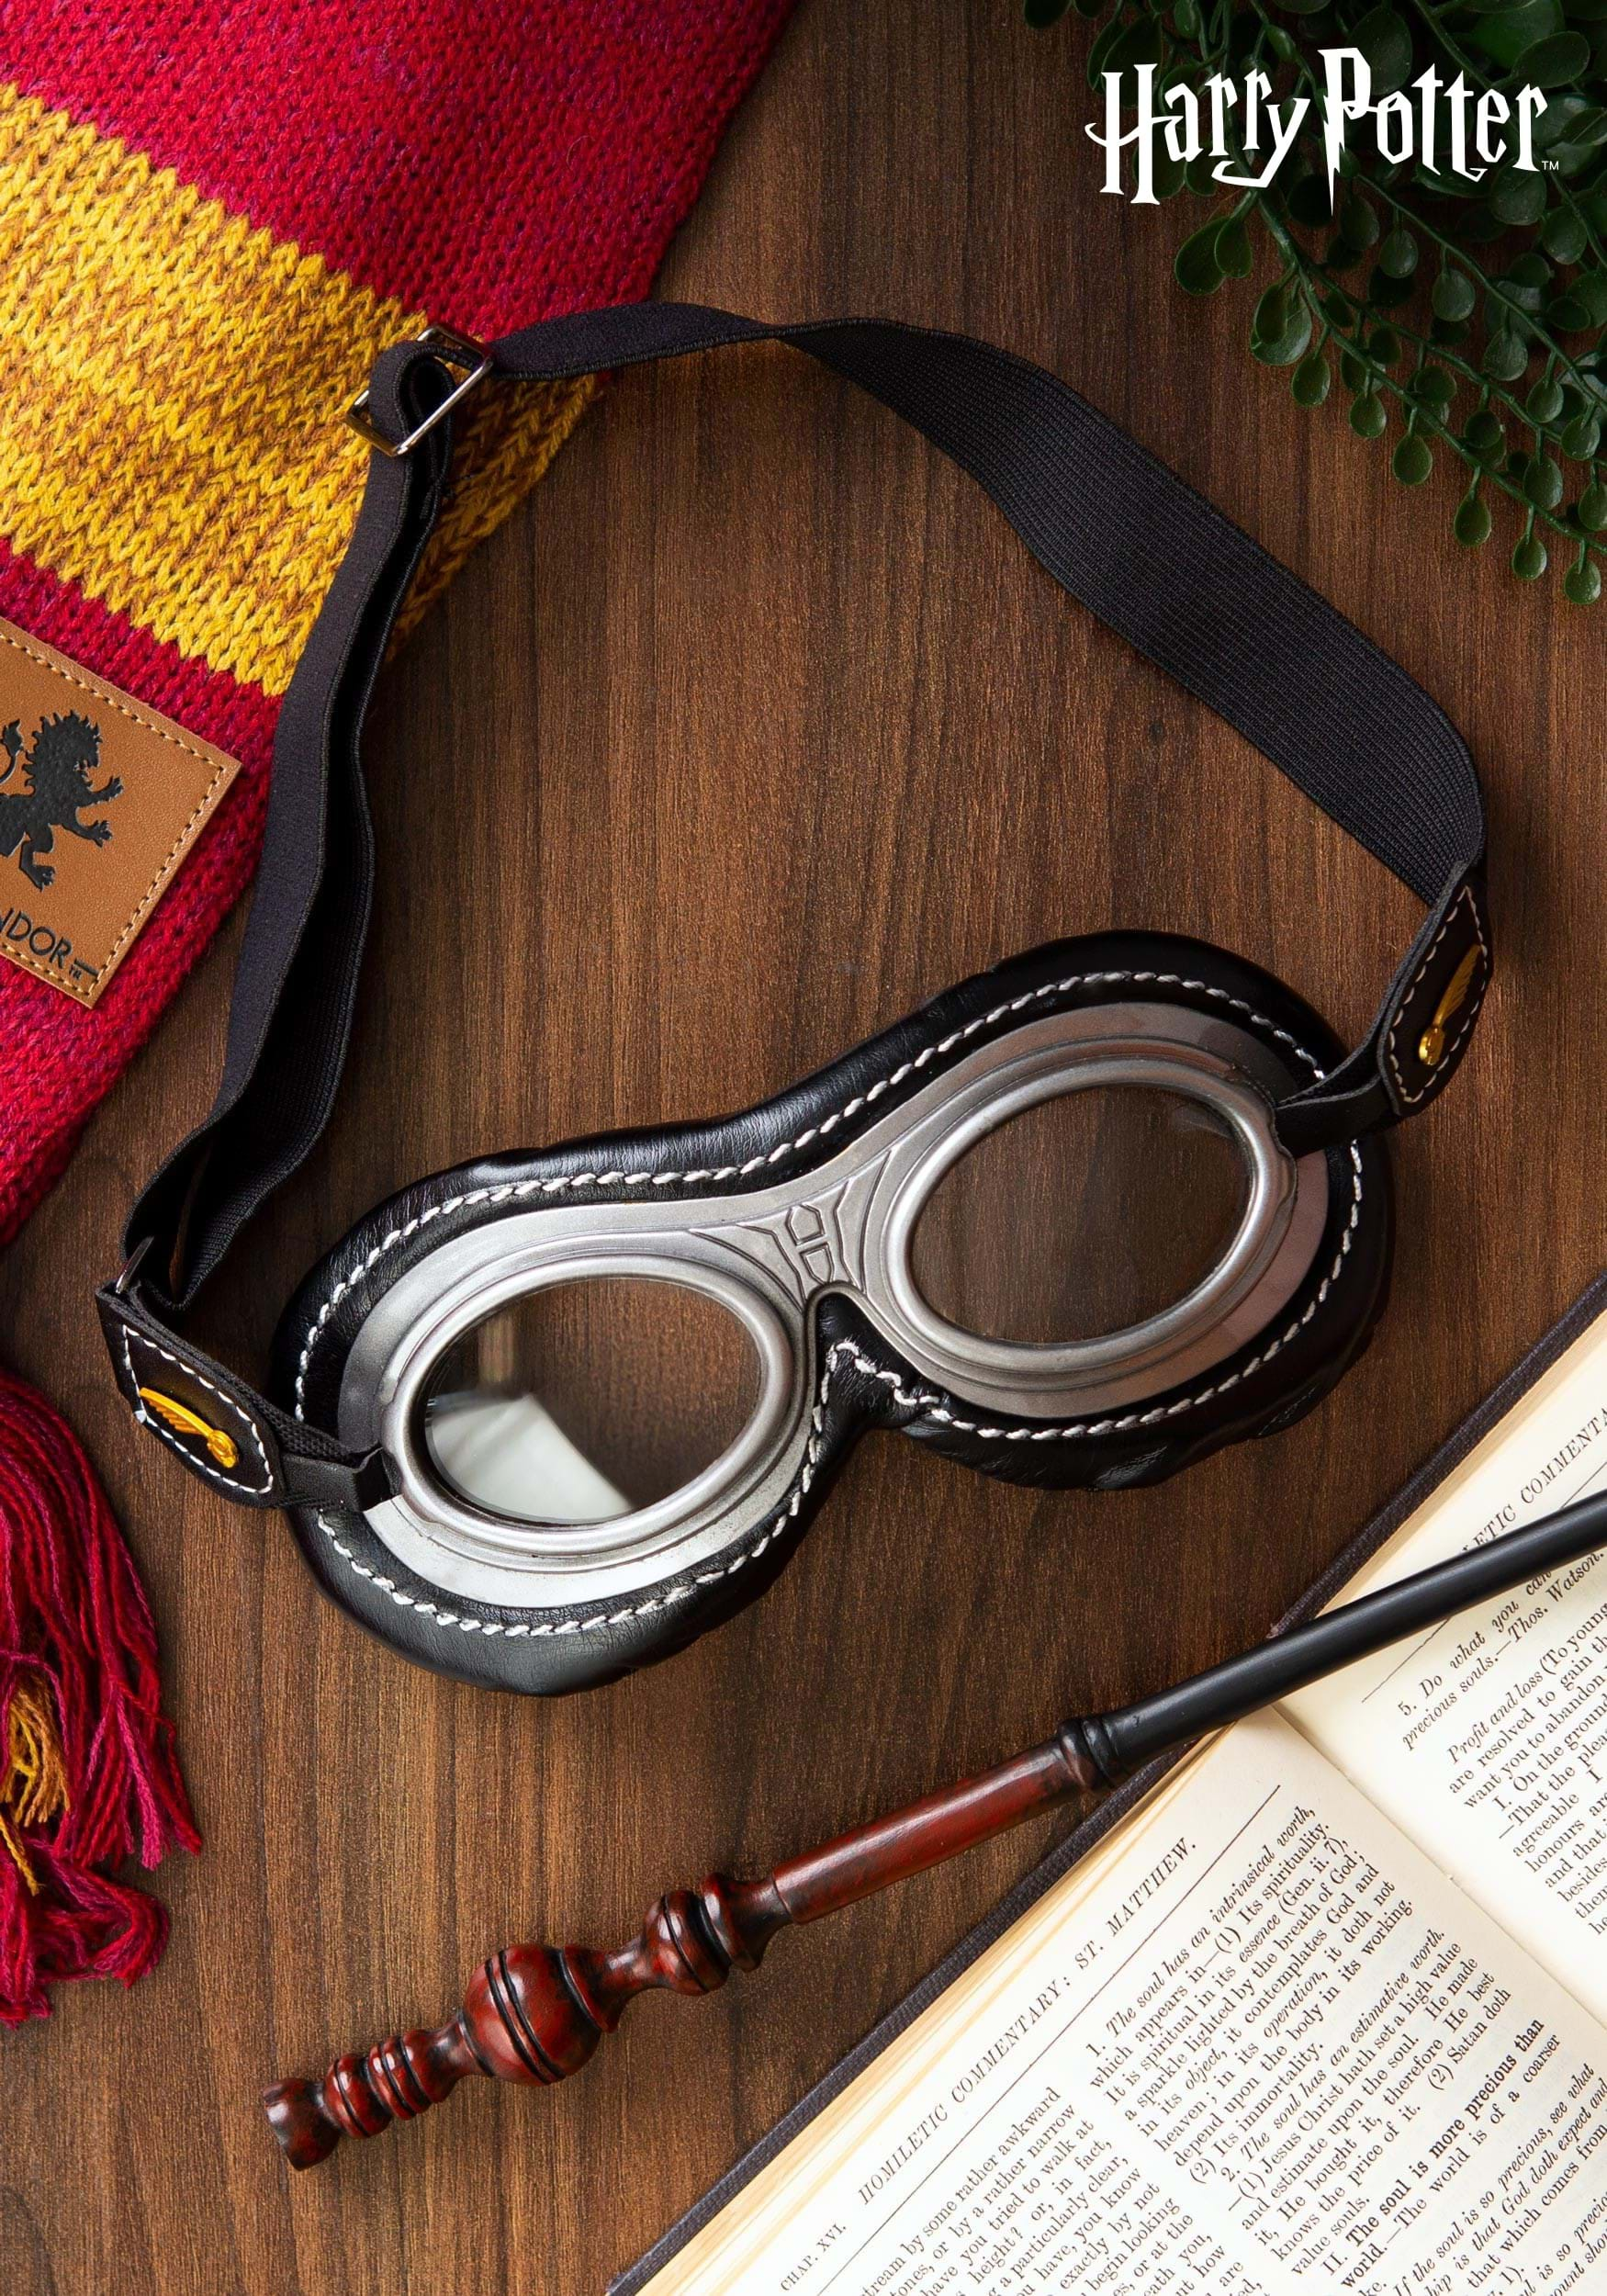 Wizard Quidditch Adult Goggles EL301430